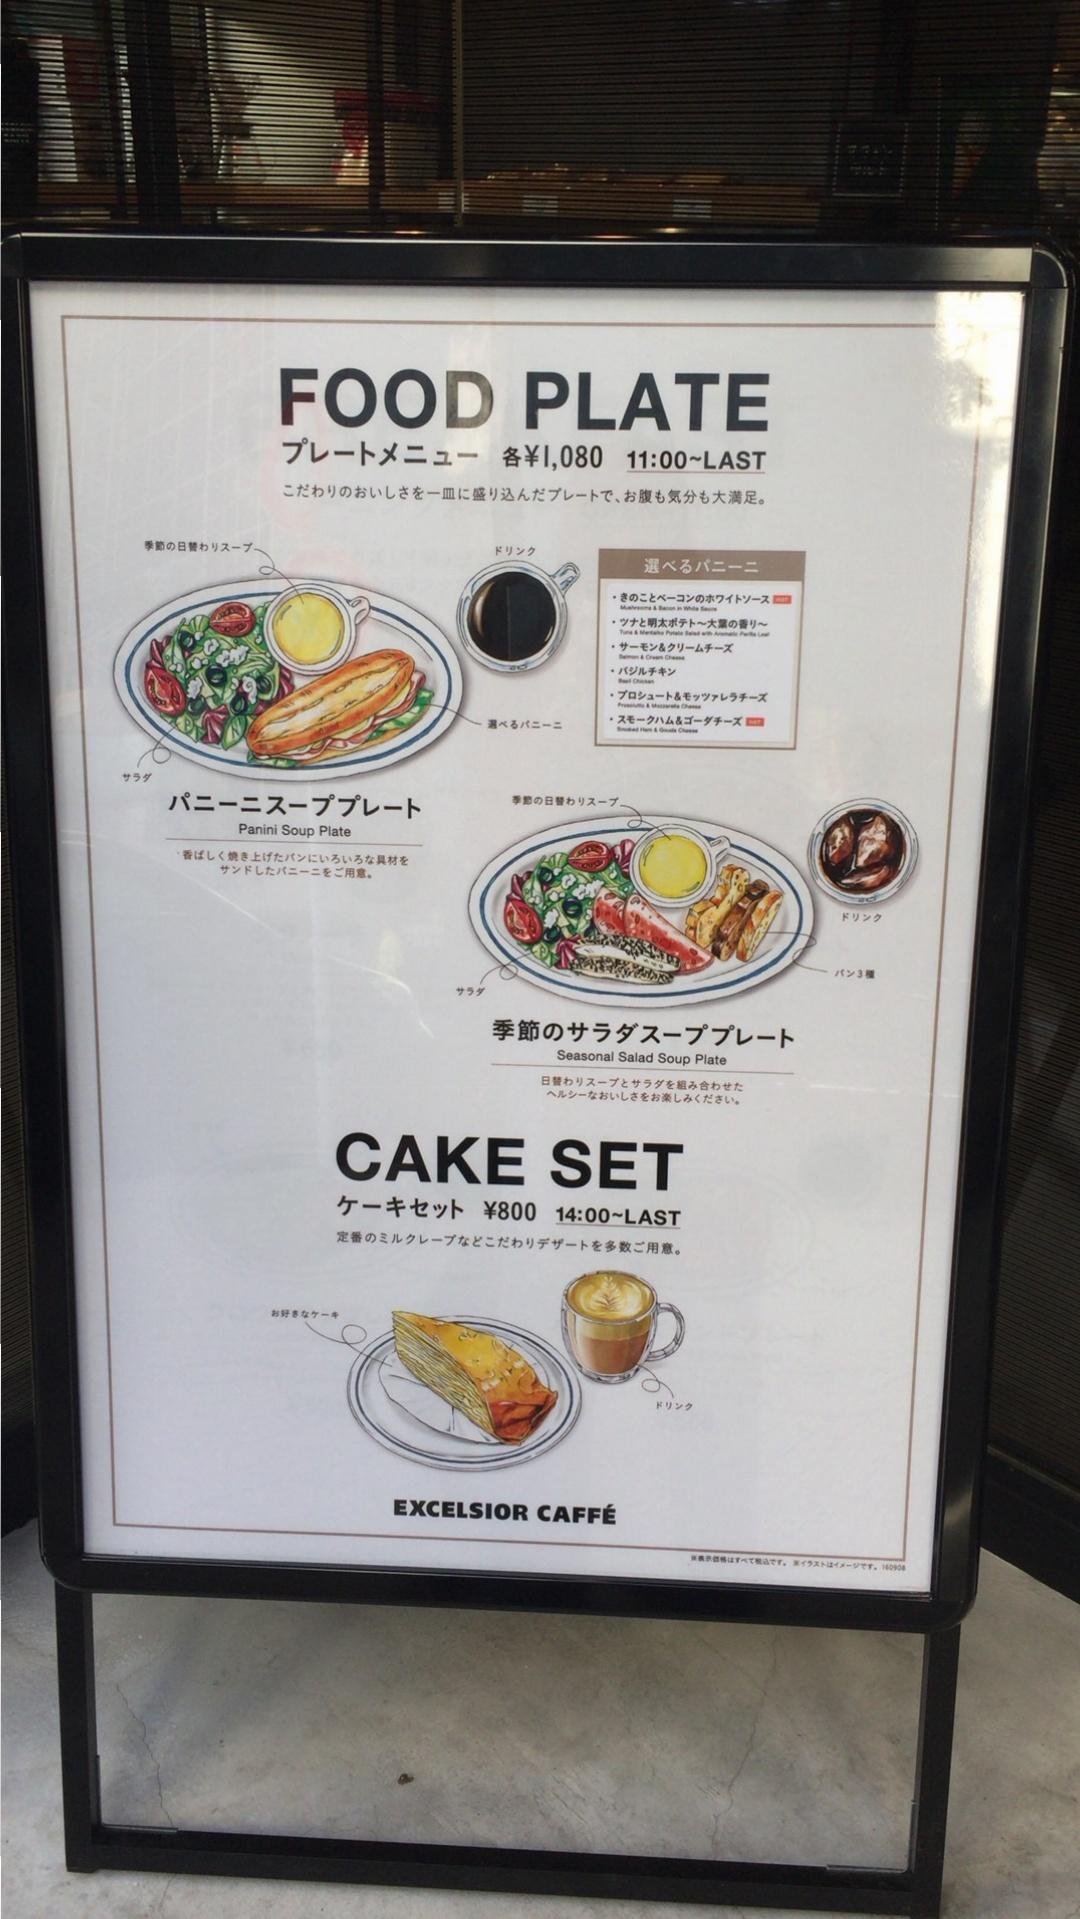 渋谷で電源カフェを探すなら?リニューアルした◯◯カフェが居心地最高♪♪ _9